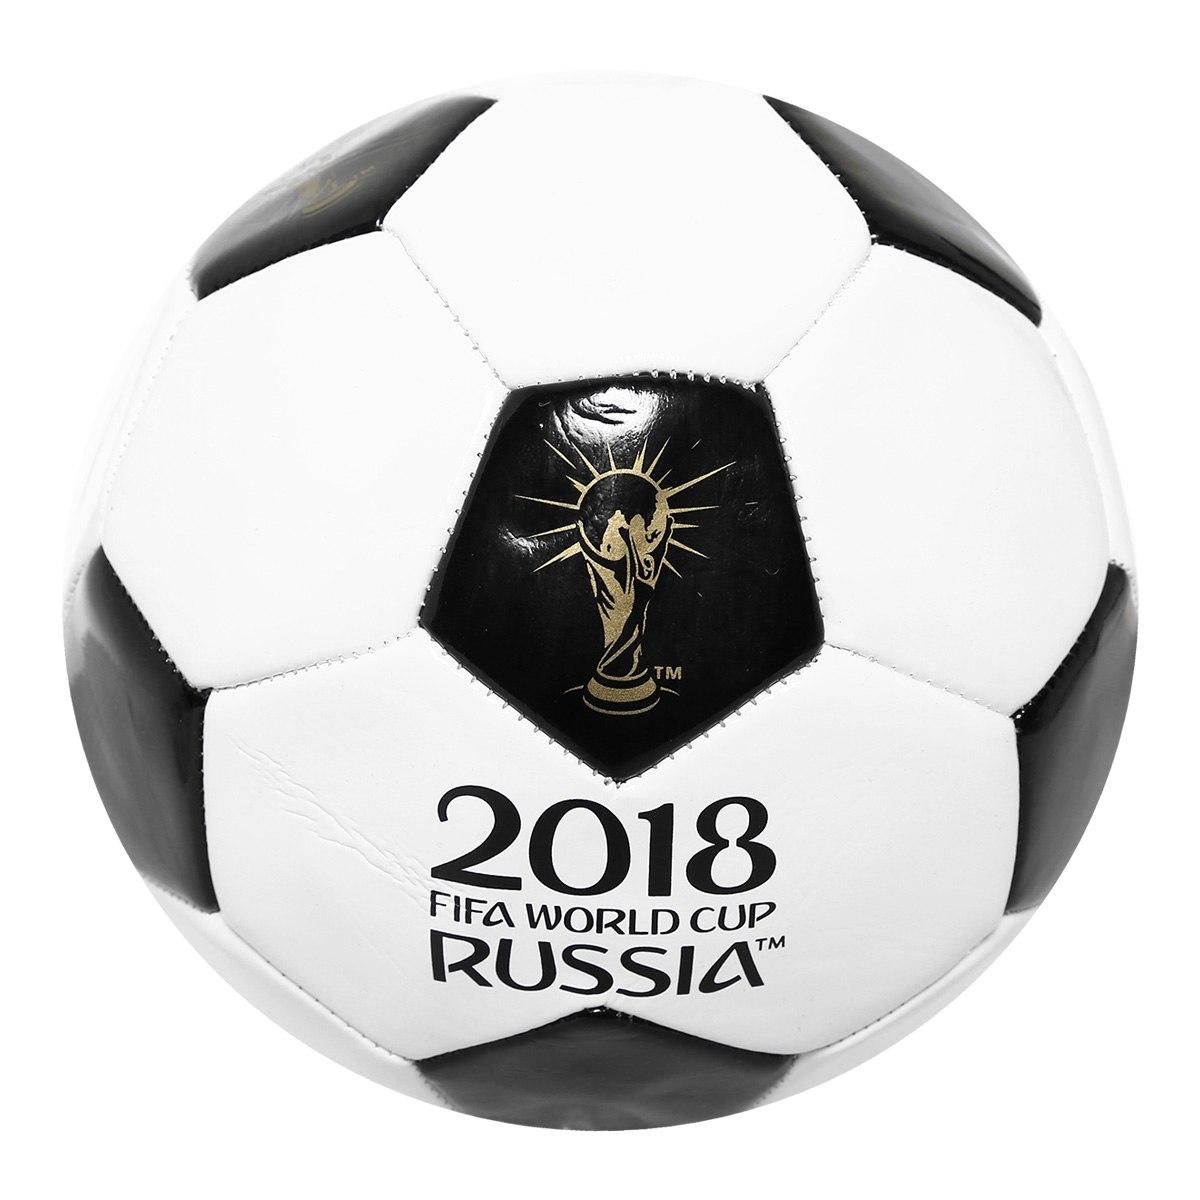 Netshoes: Balon Conmemorativo del Mundial